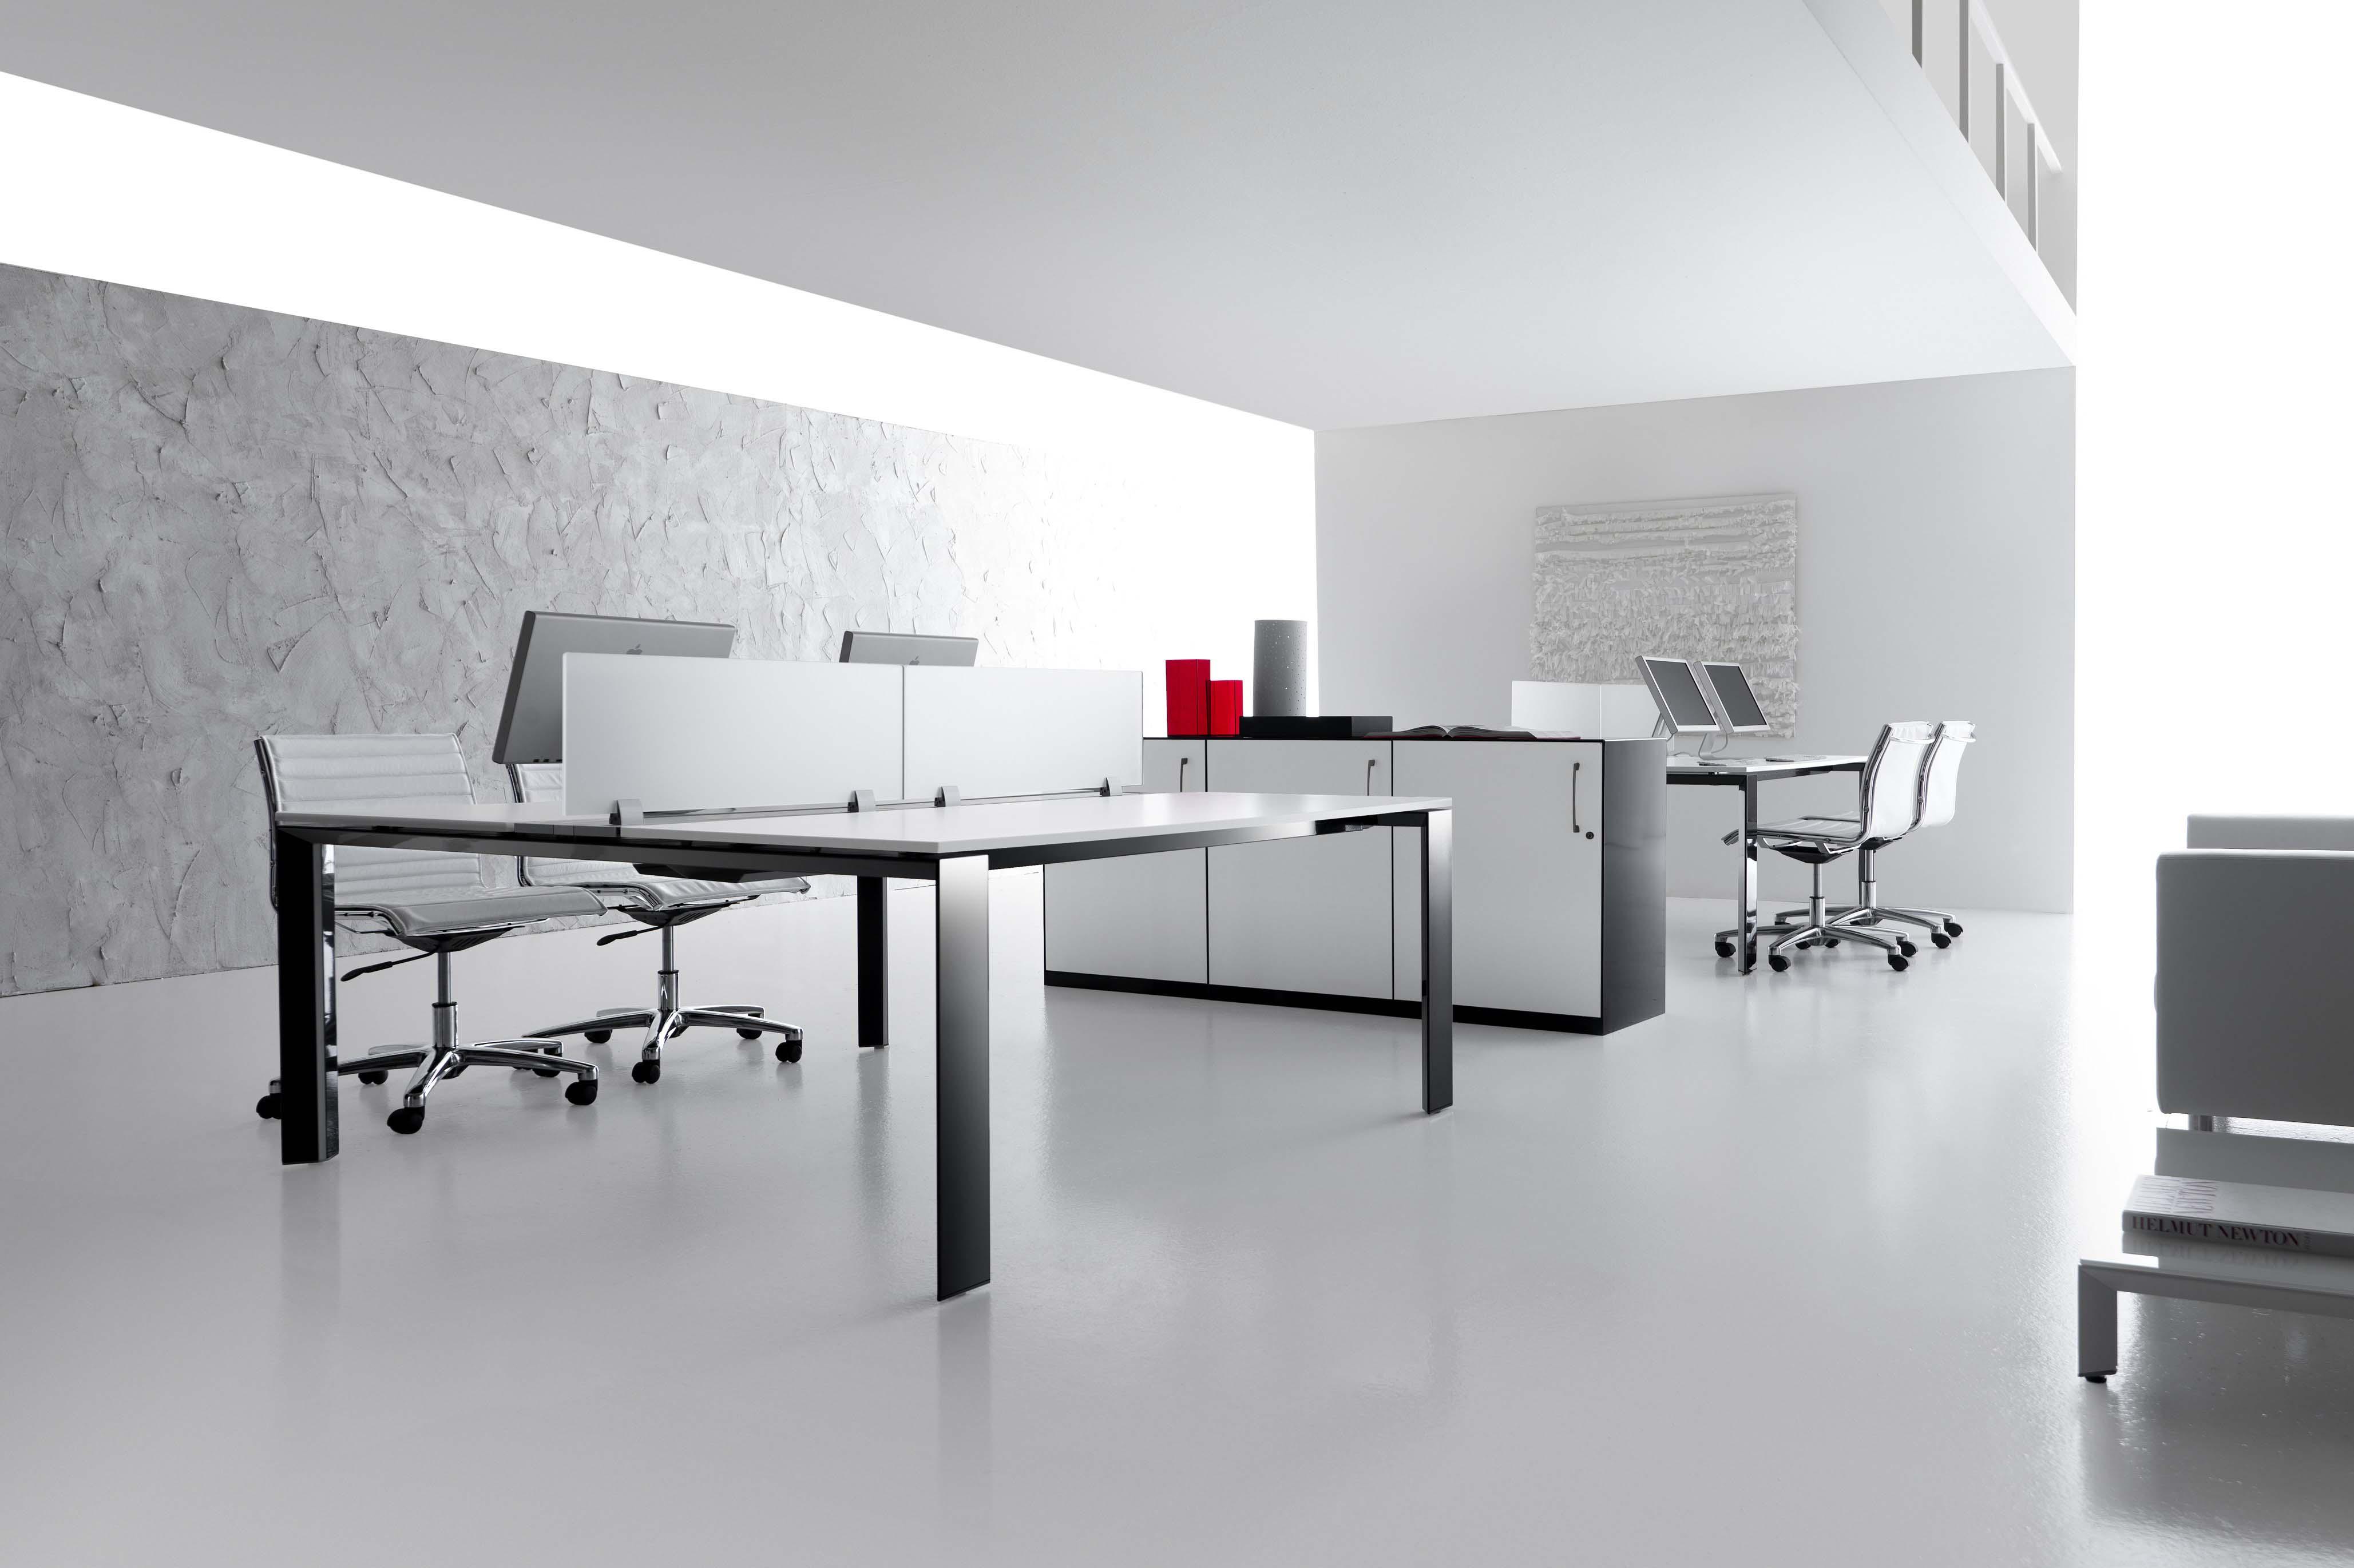 Arredamento Ufficio Rimini : Mobili per ufficio rimini design casa creativa e mobili ispiratori